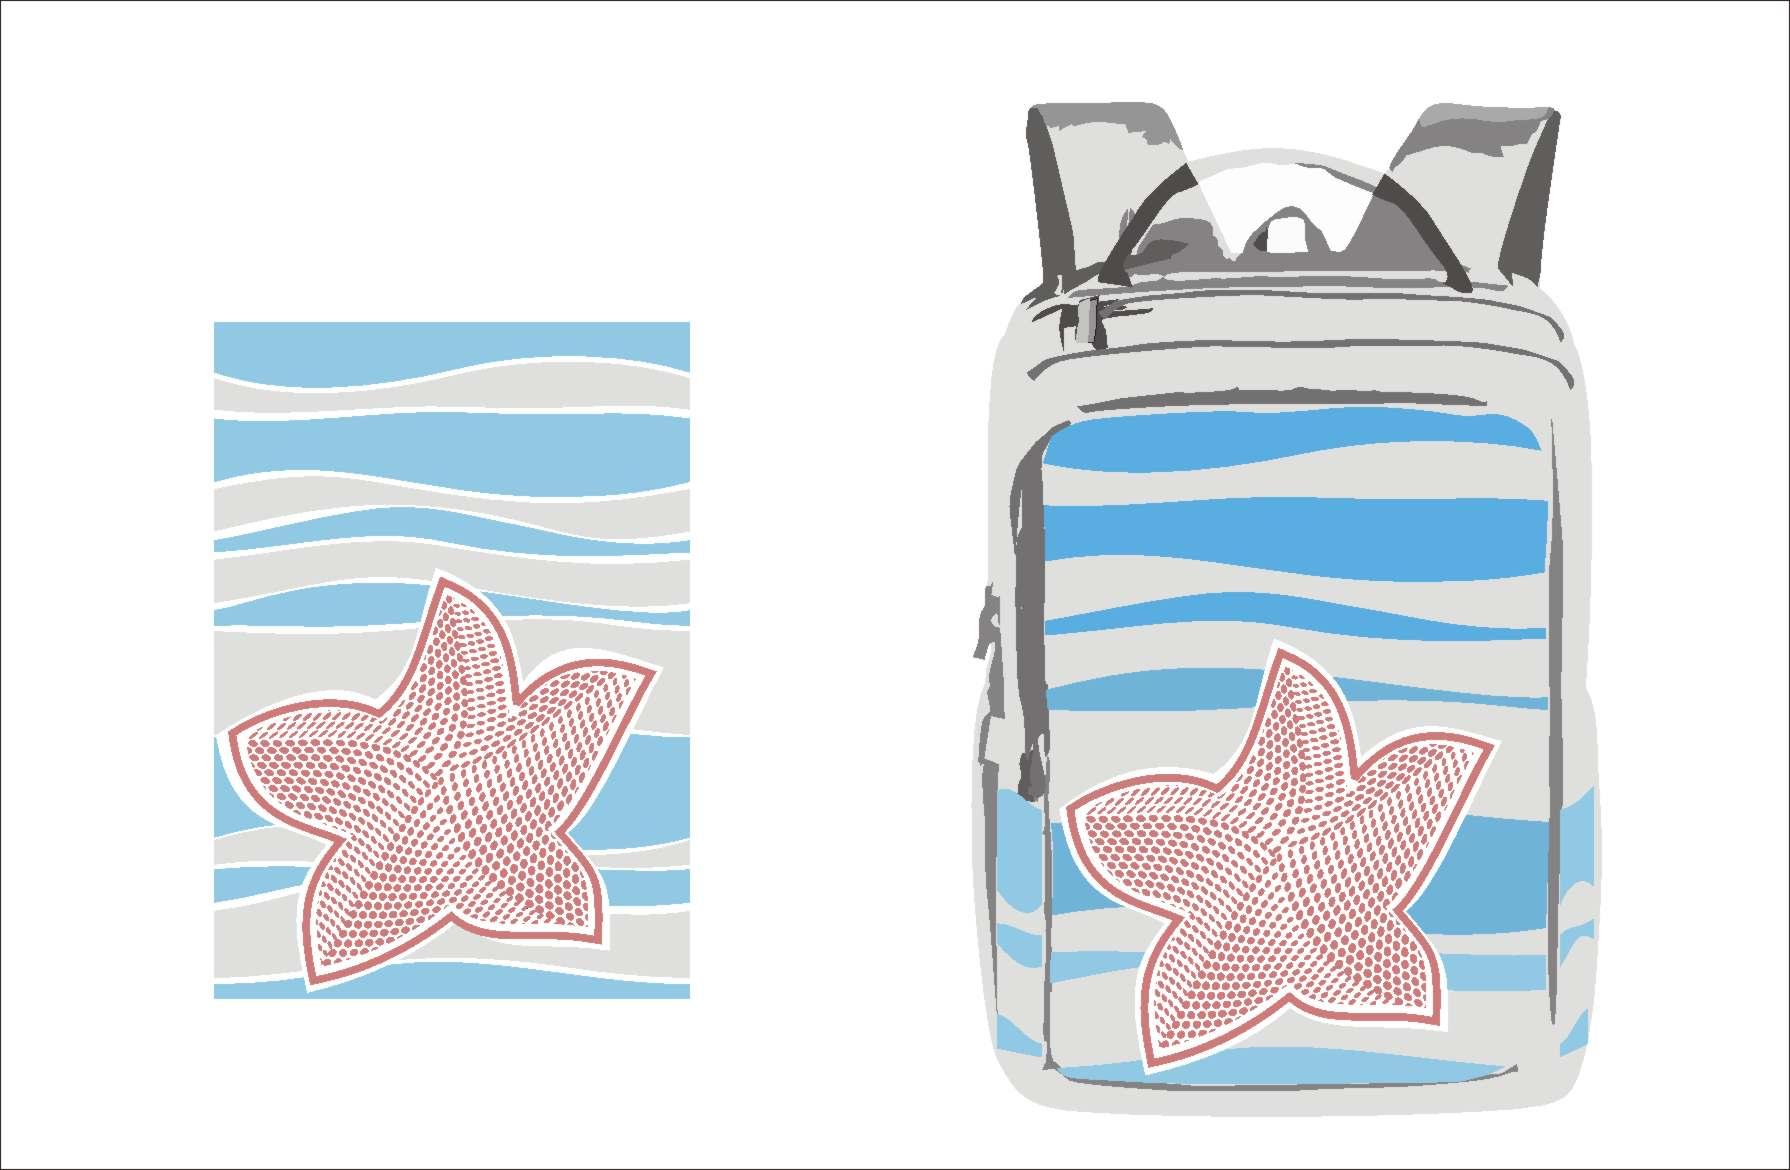 Конкурс на создание оригинального принта для рюкзаков фото f_3765f87198bccc7e.jpg